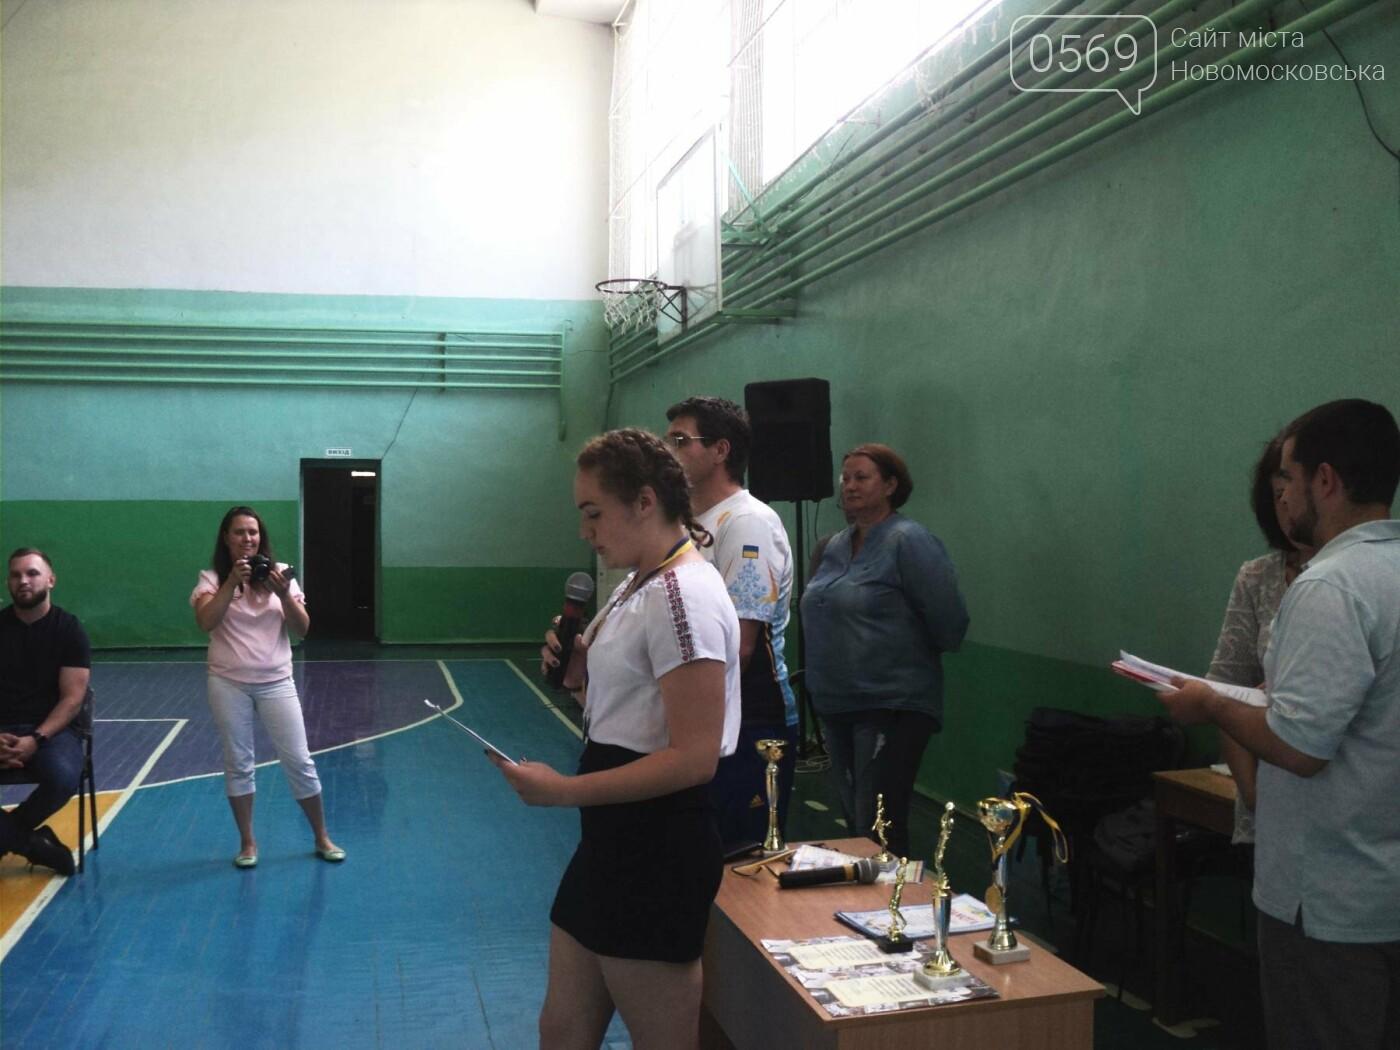 Баскетболістів Новомосковська привітали с перемогою на чемпіонаті України , фото-3